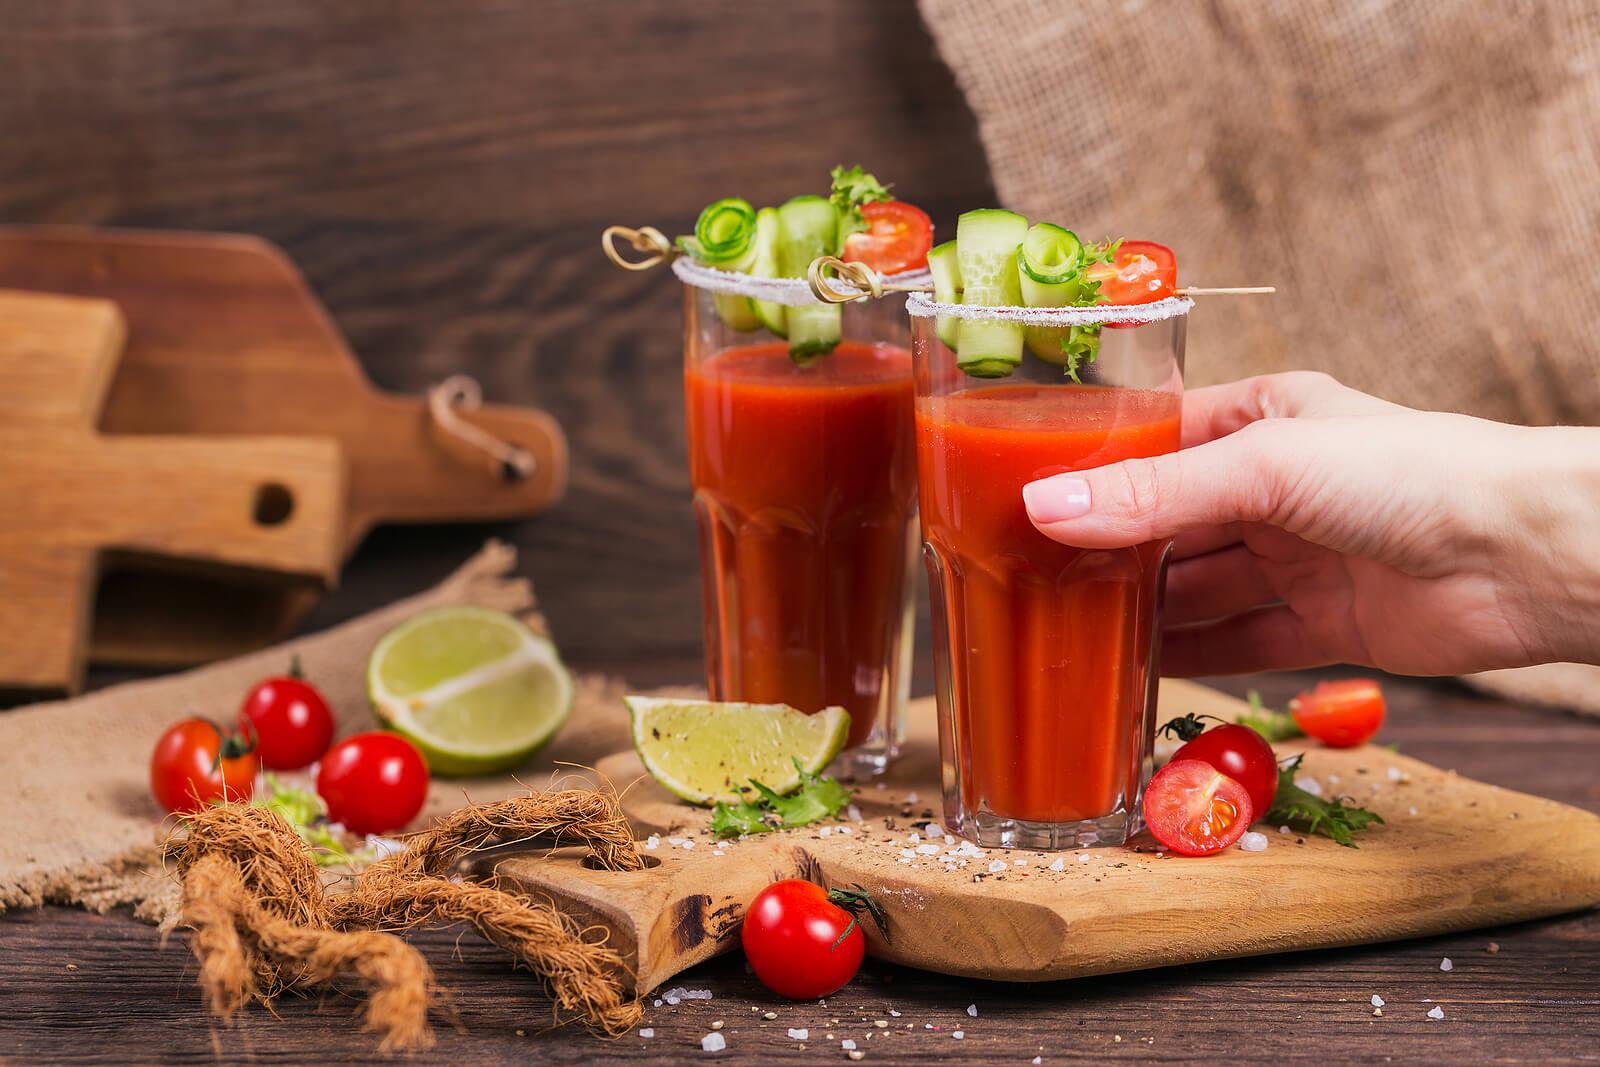 Prueba beber un poco de zumo de tomate y apio.